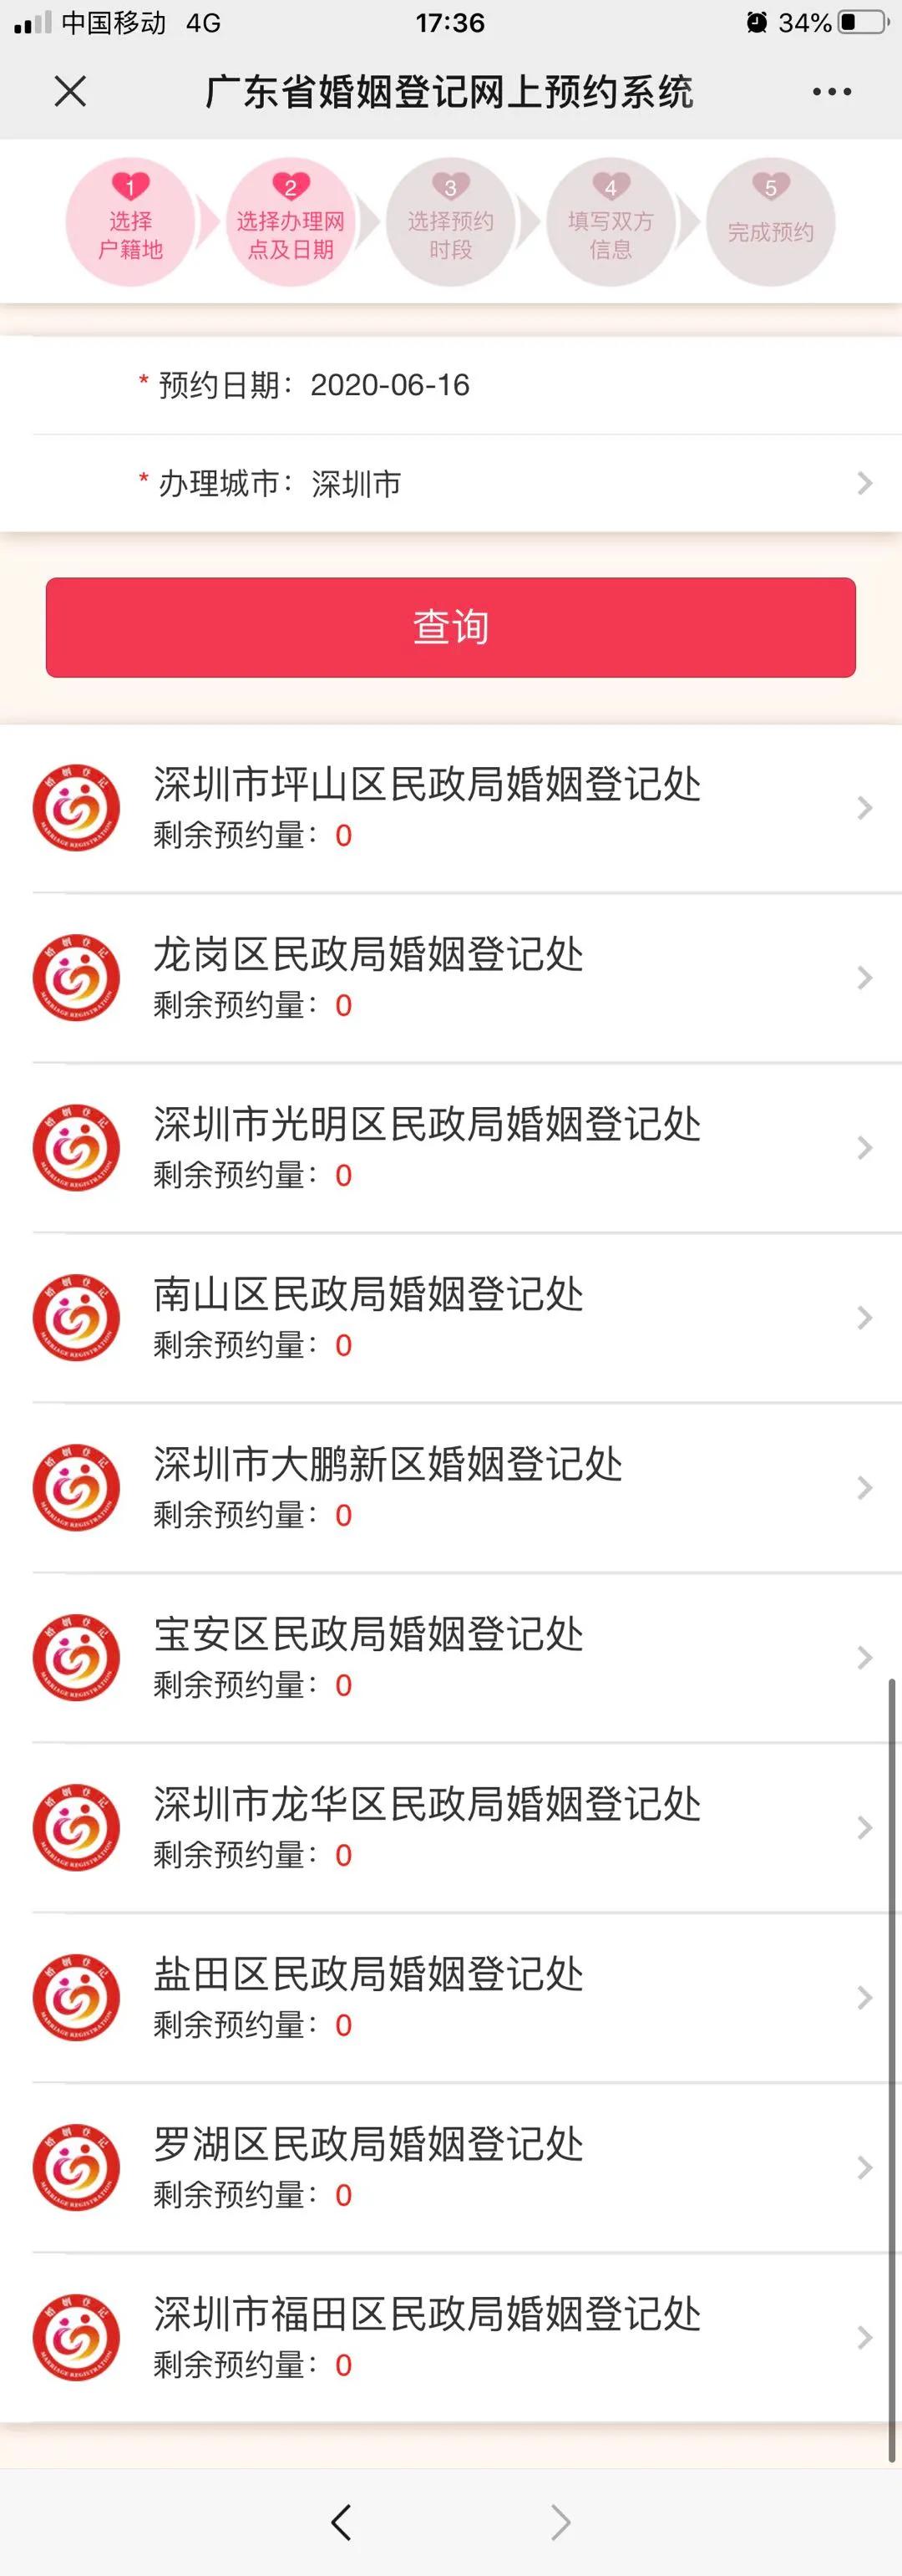 图片来源:深圳新闻网